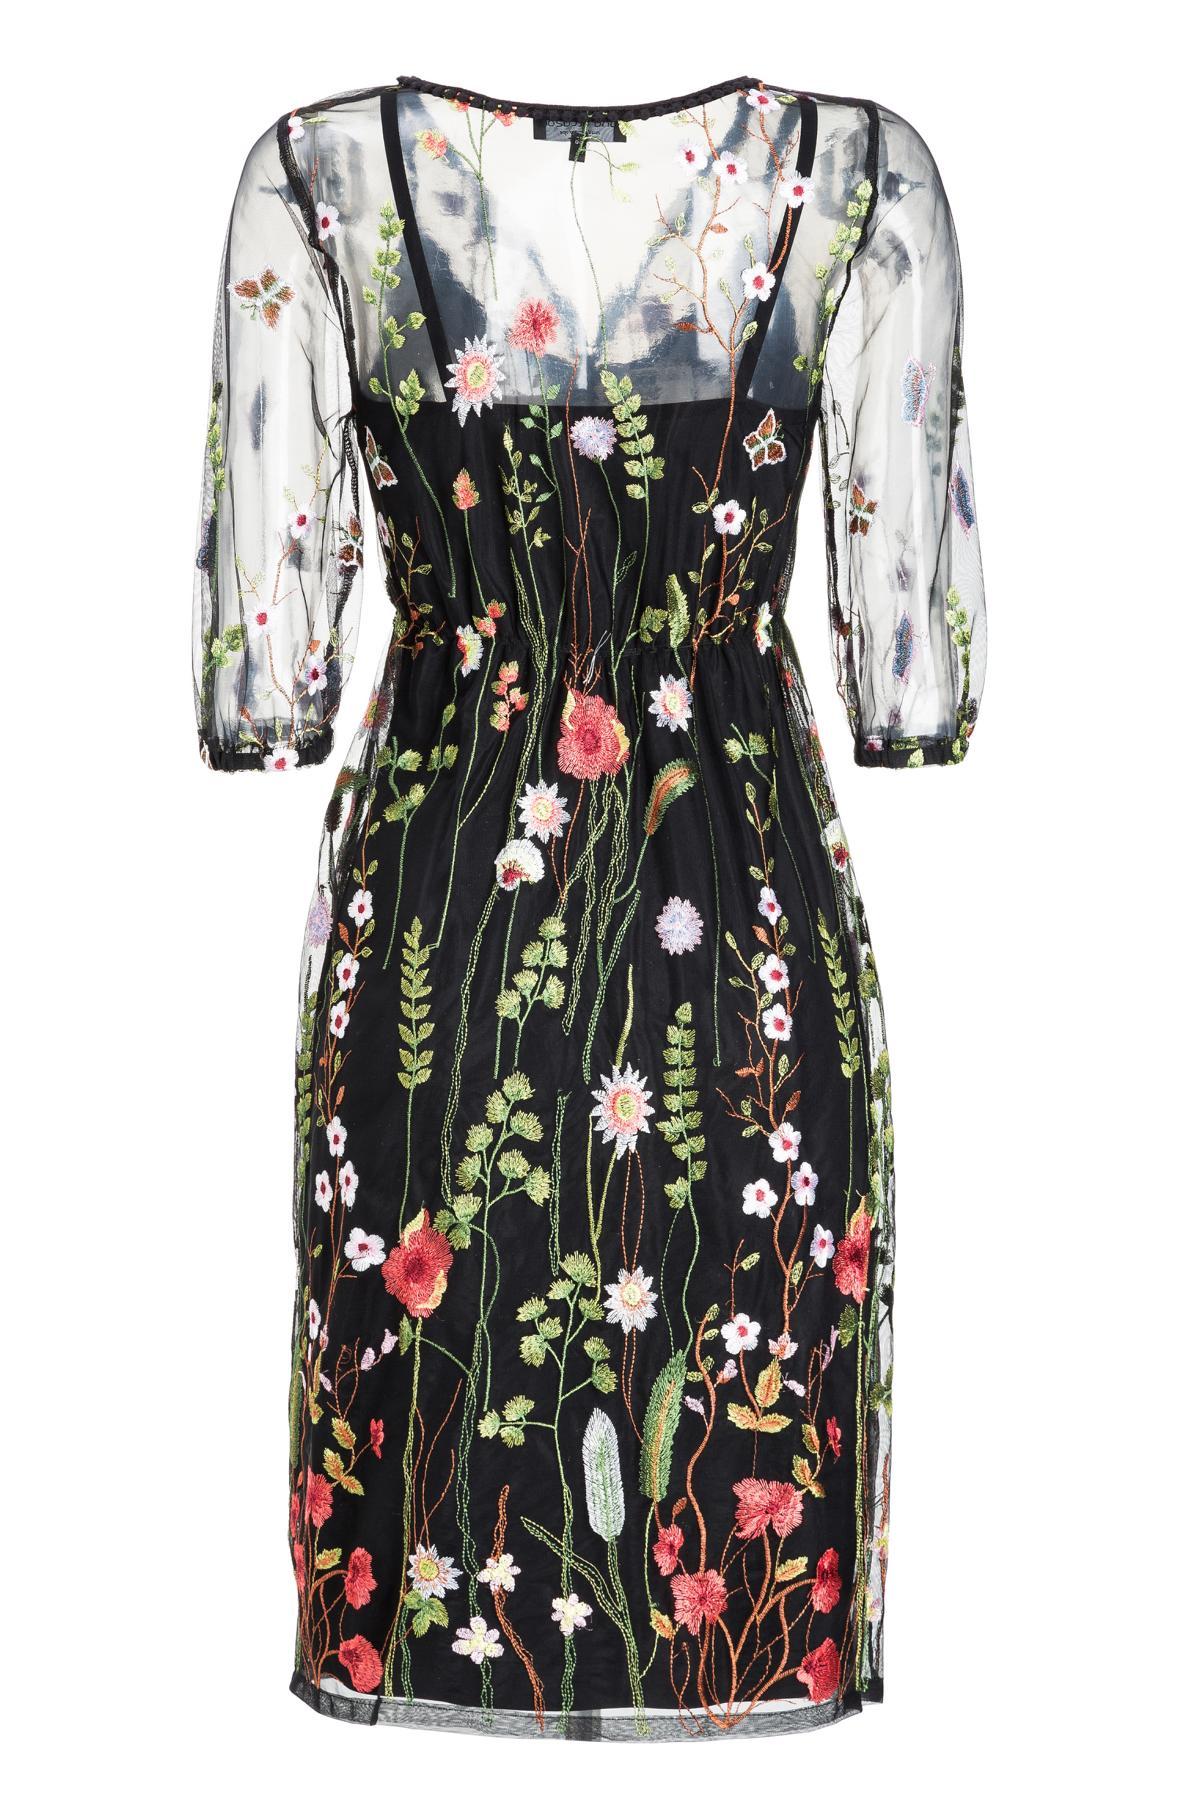 Rückansicht von Ana Alcazar Limited Edition Tüllkleid Mabel